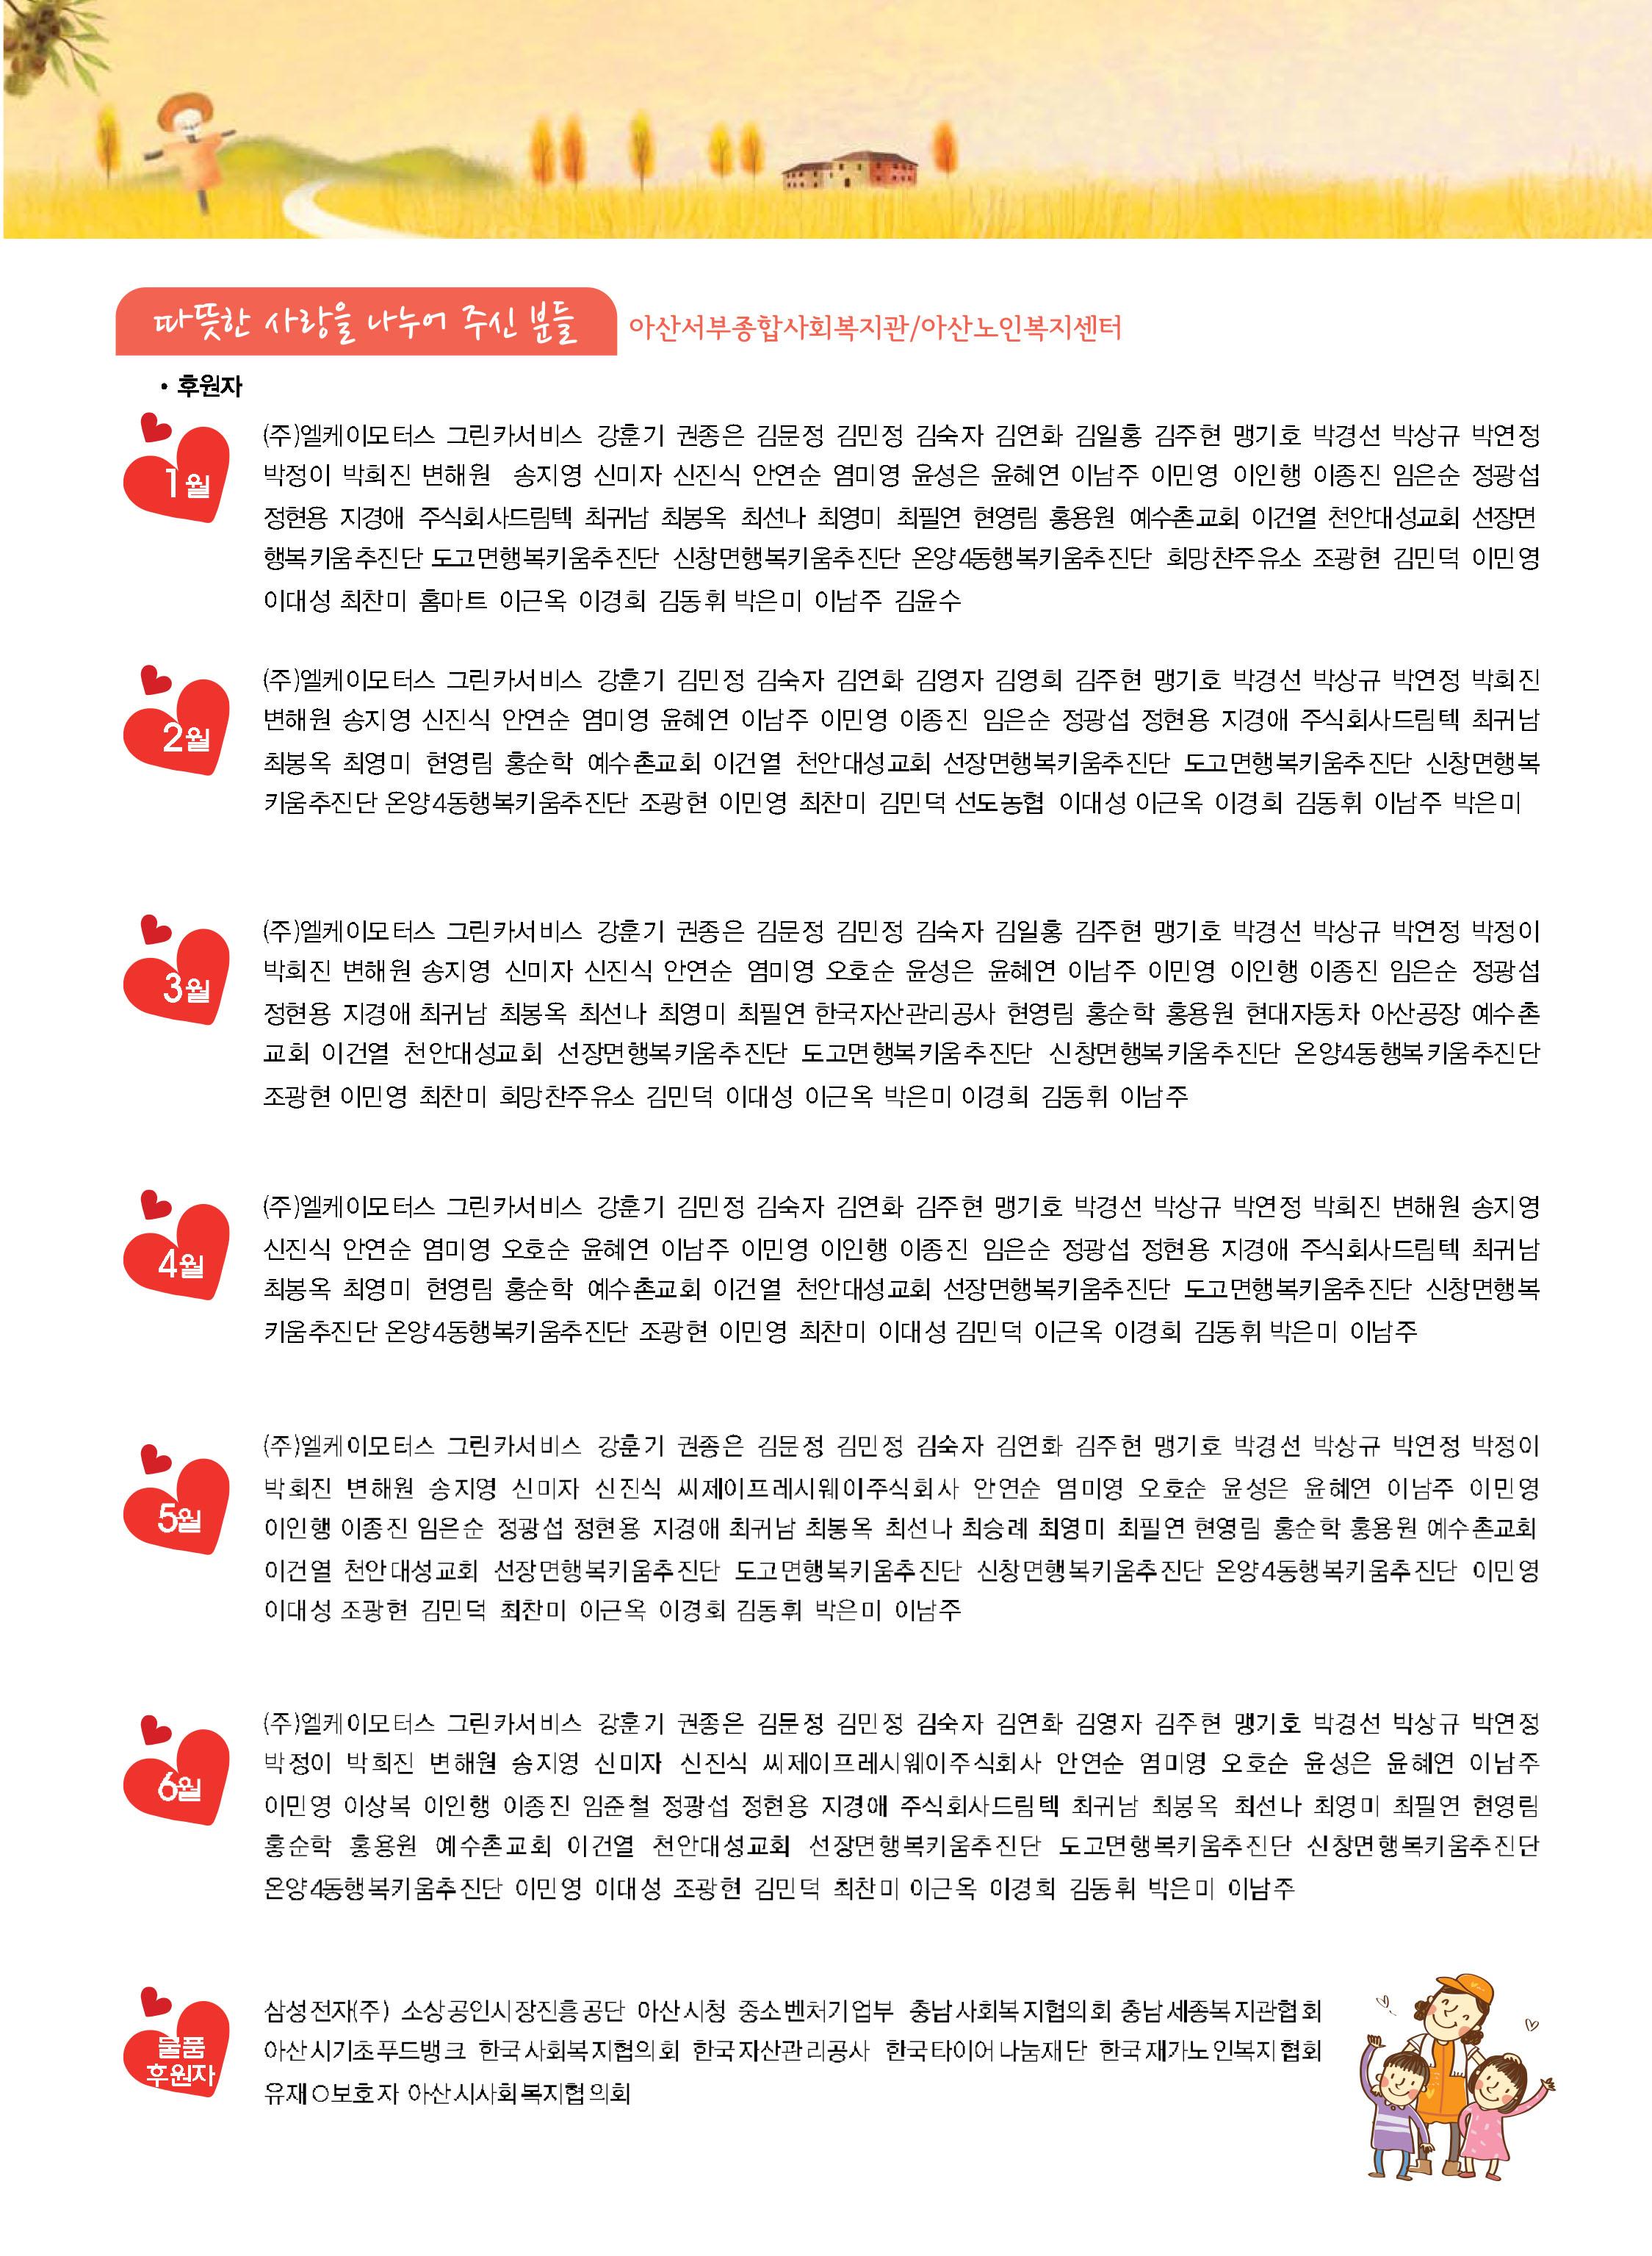 옹달샘-38호최종-6.jpg